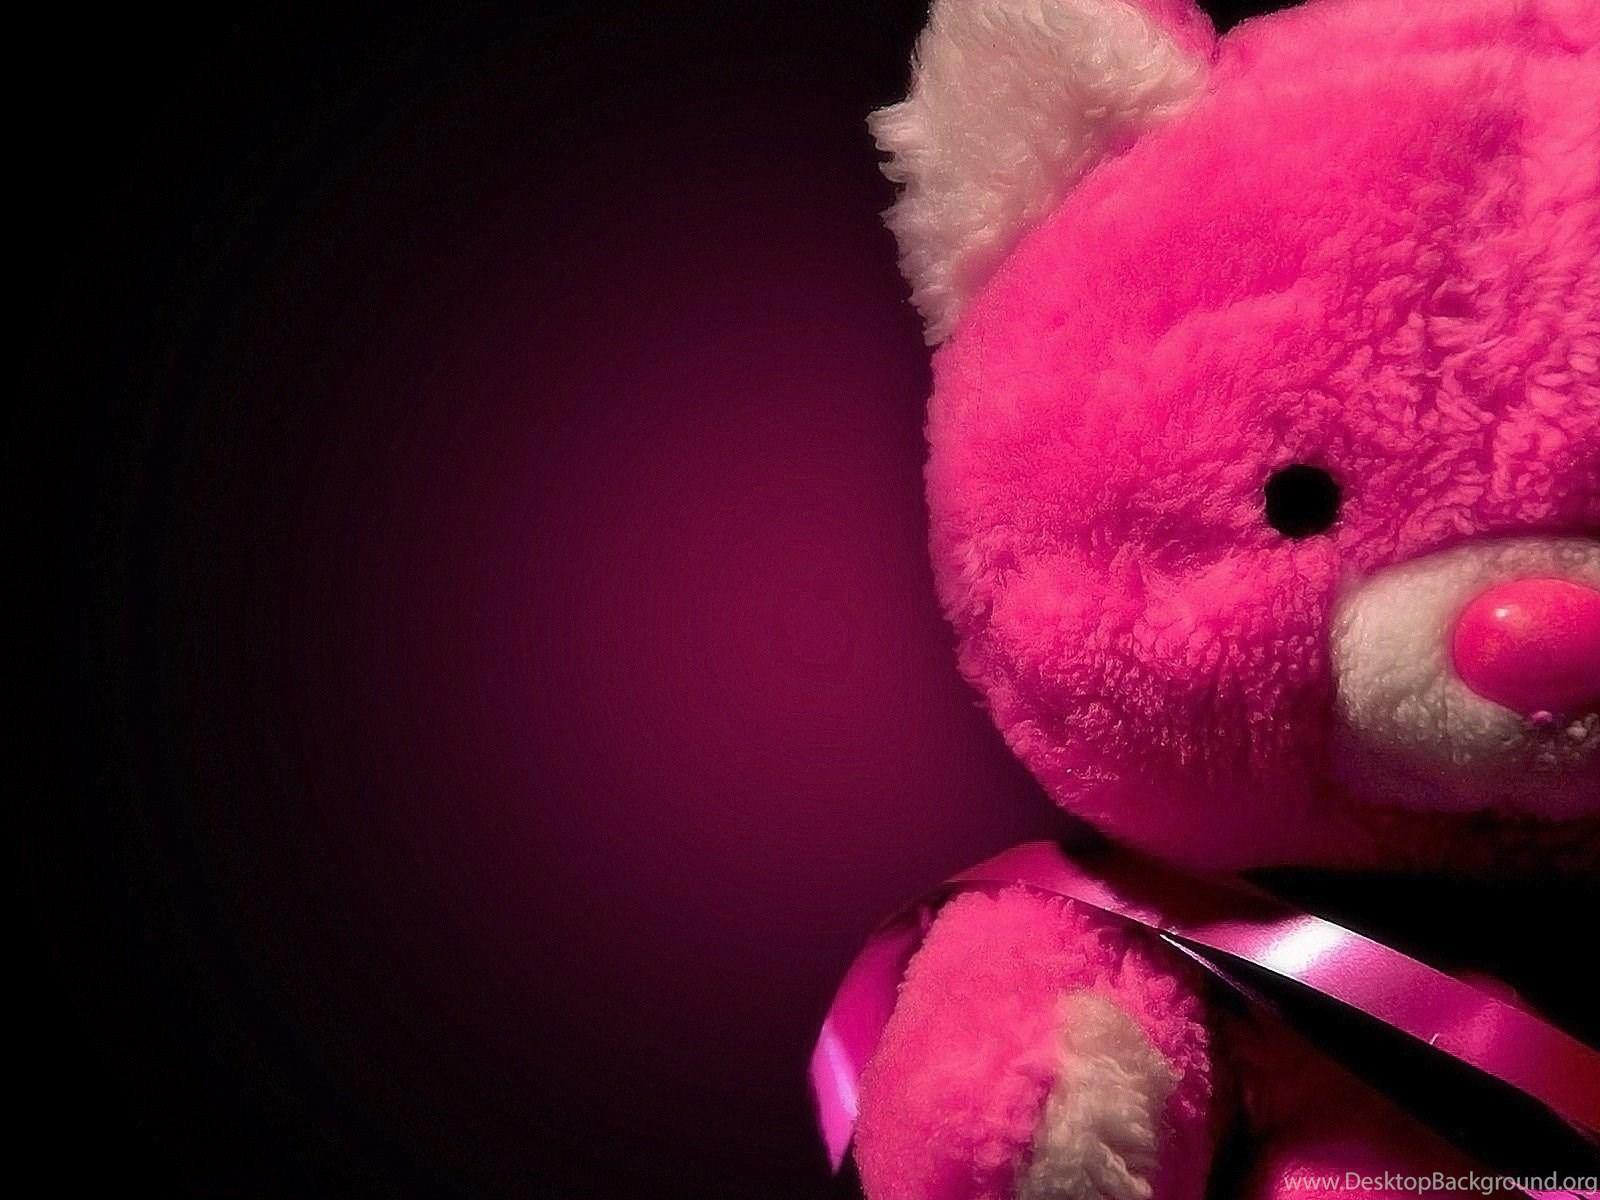 20 Full Size Cute Teddy Bears Hd Wallpapers Desktop Background